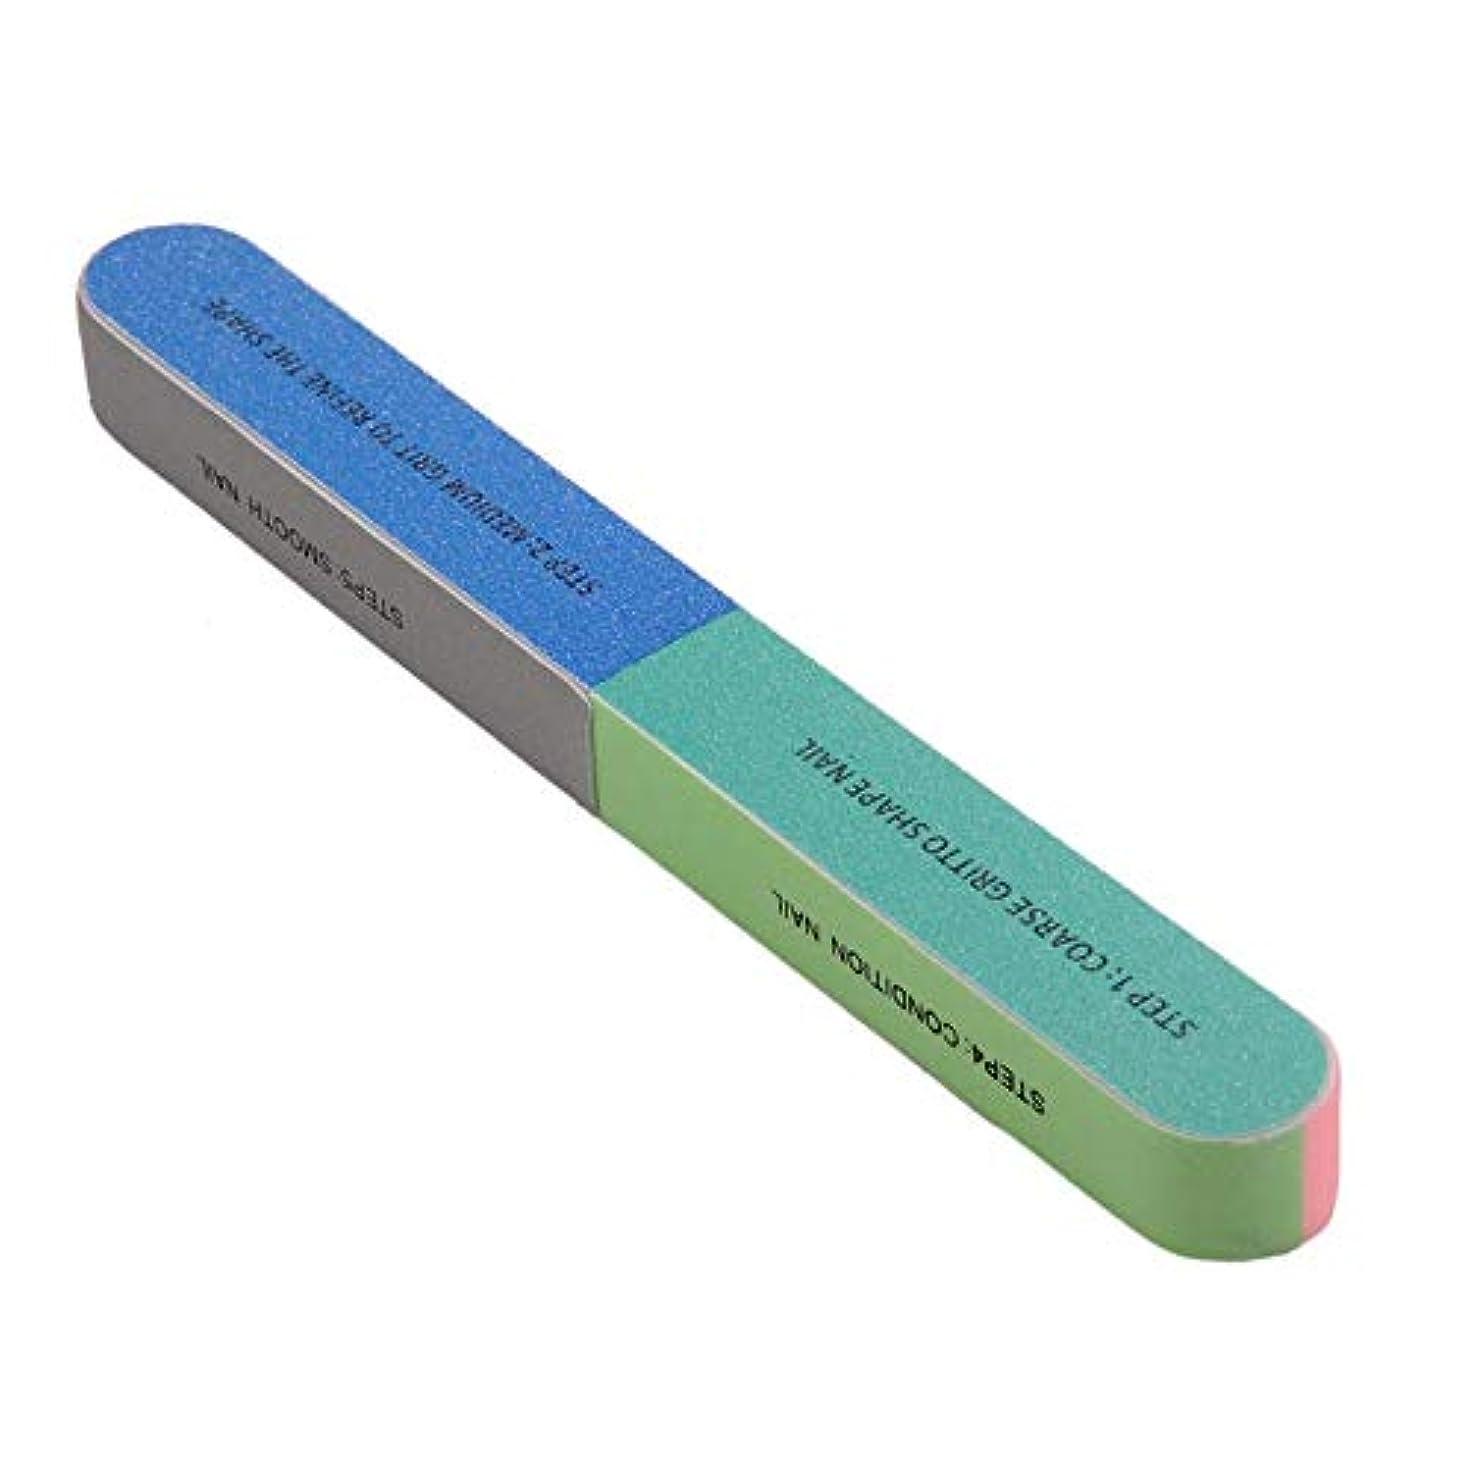 ラオス人立場ブレイズSILUN 爪やすり多面も使える 爪ヤスリ プロのネイルツール 多機能 ネイルファイル ユニセックス 爪磨きネイルファイル